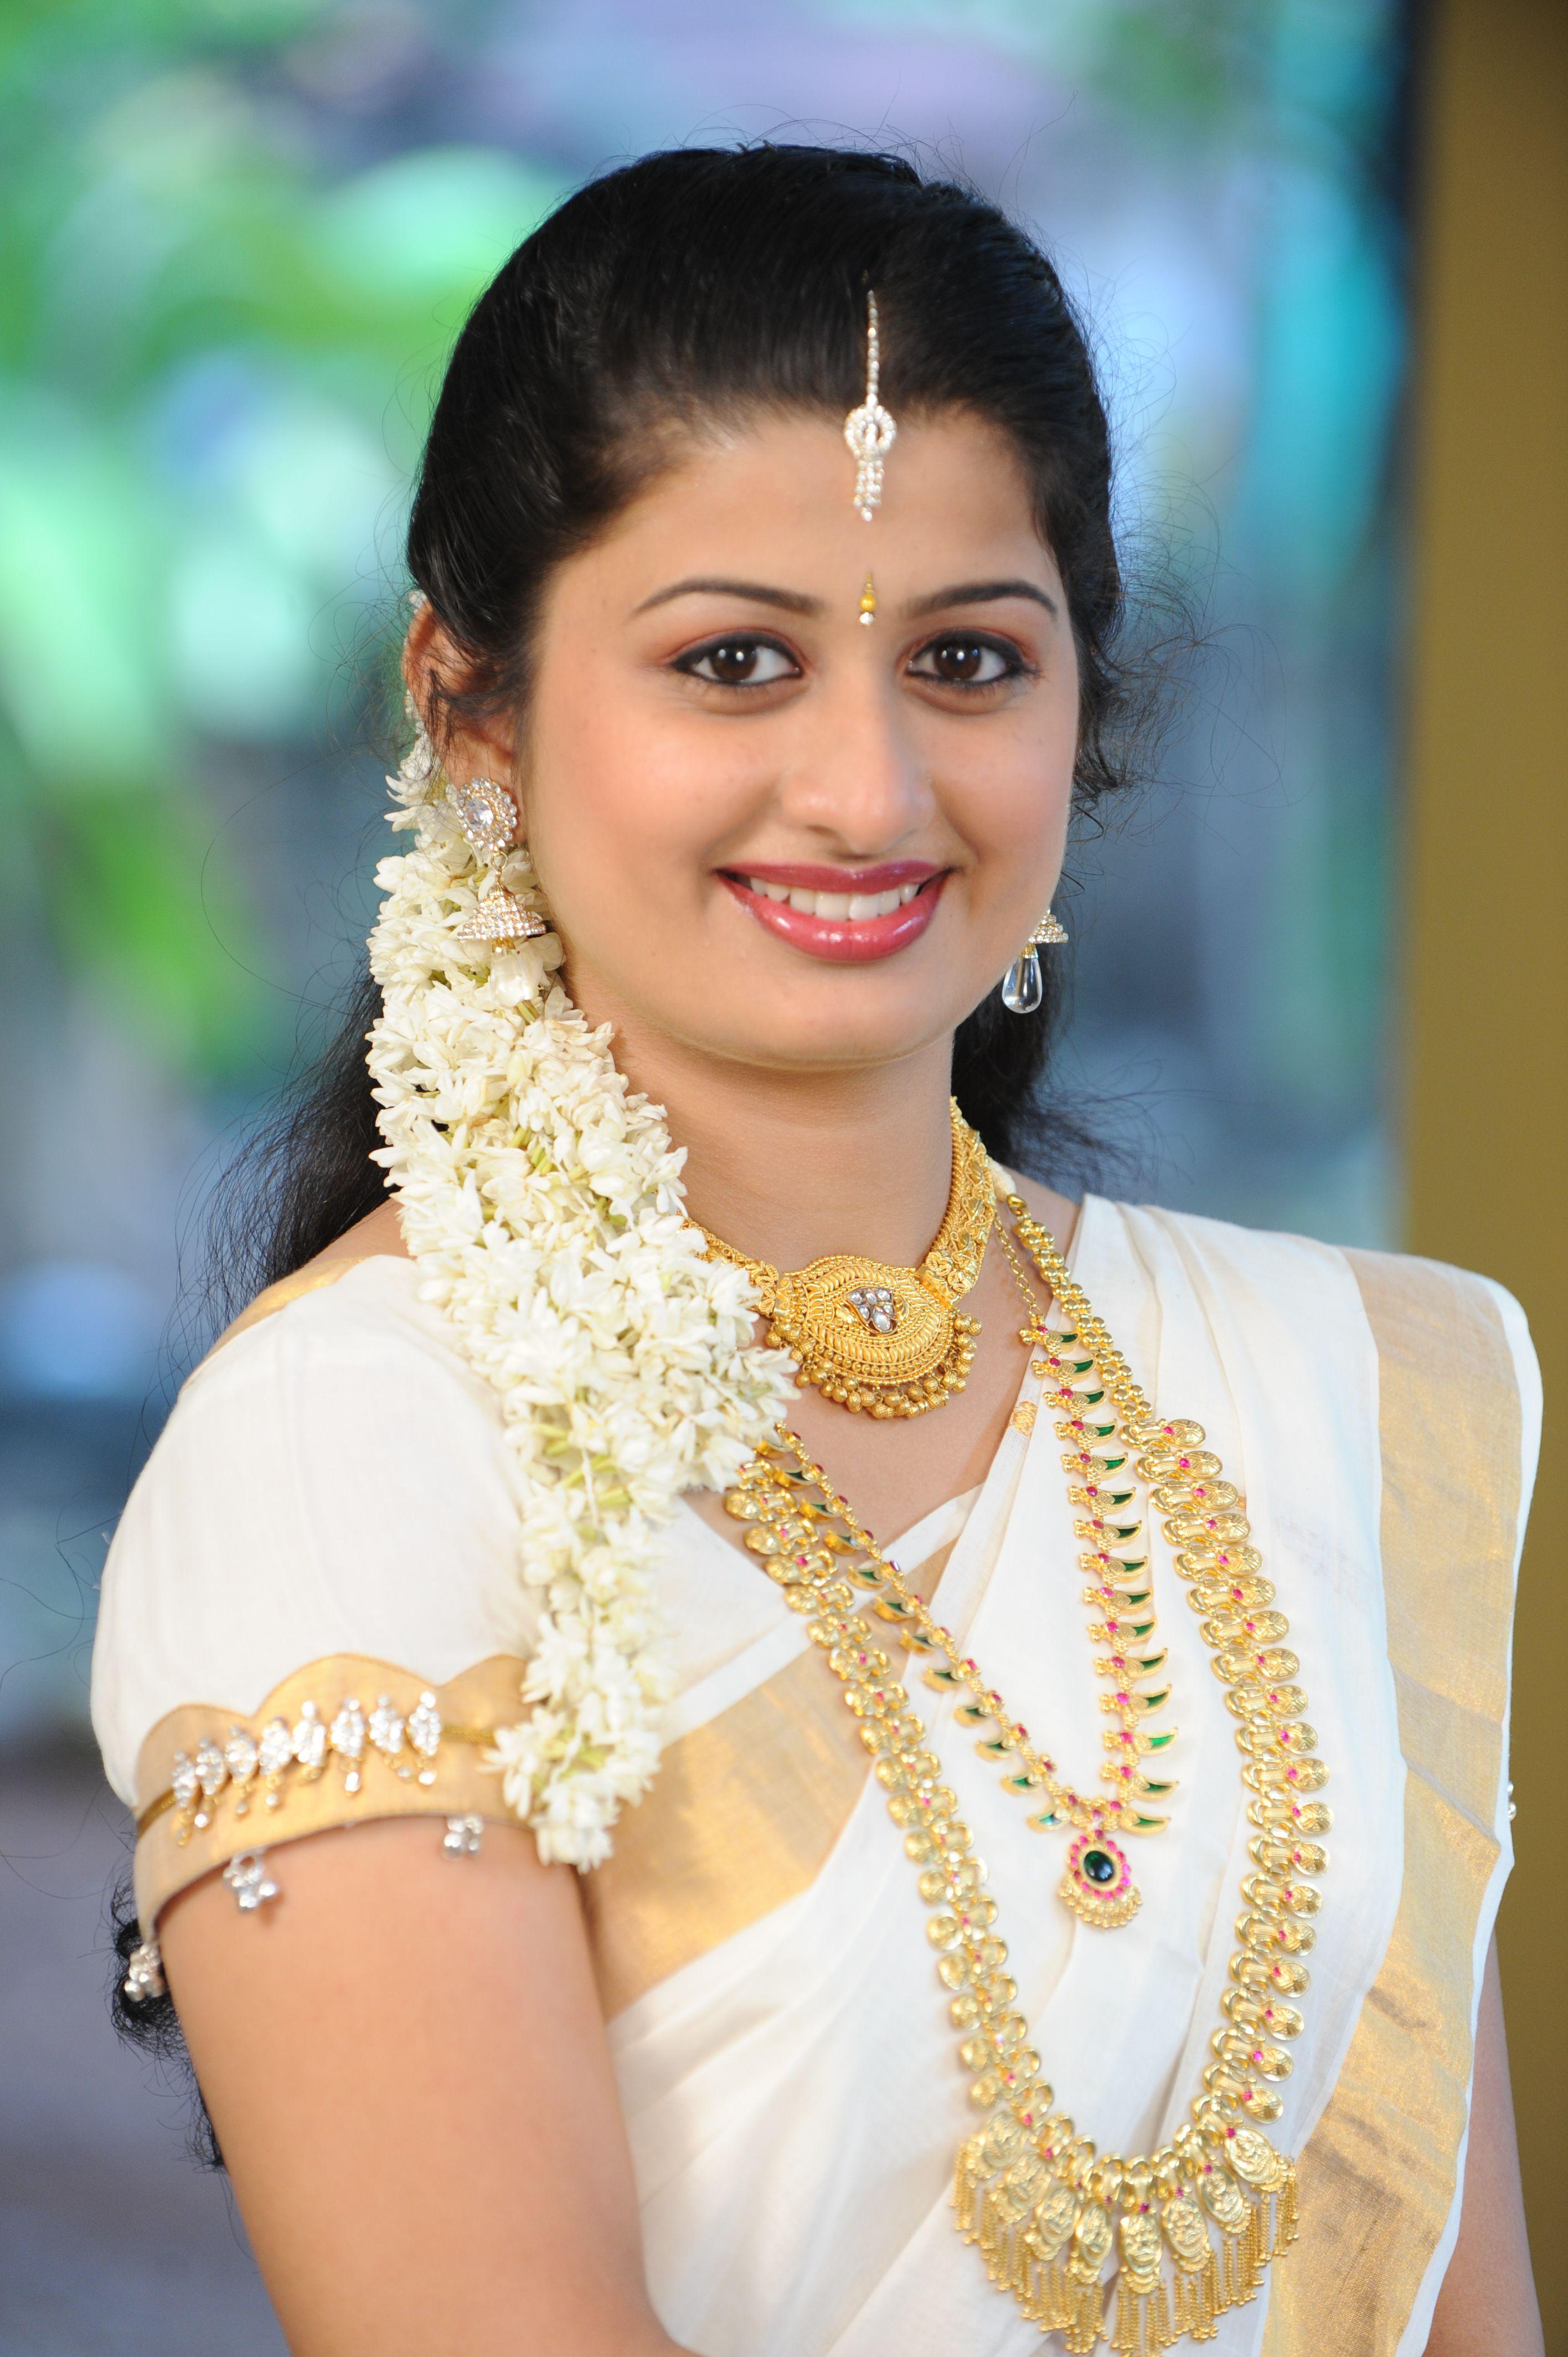 #Natural wedding day makeup at Seenaimage Beauty Salon at #calicut #kerala…